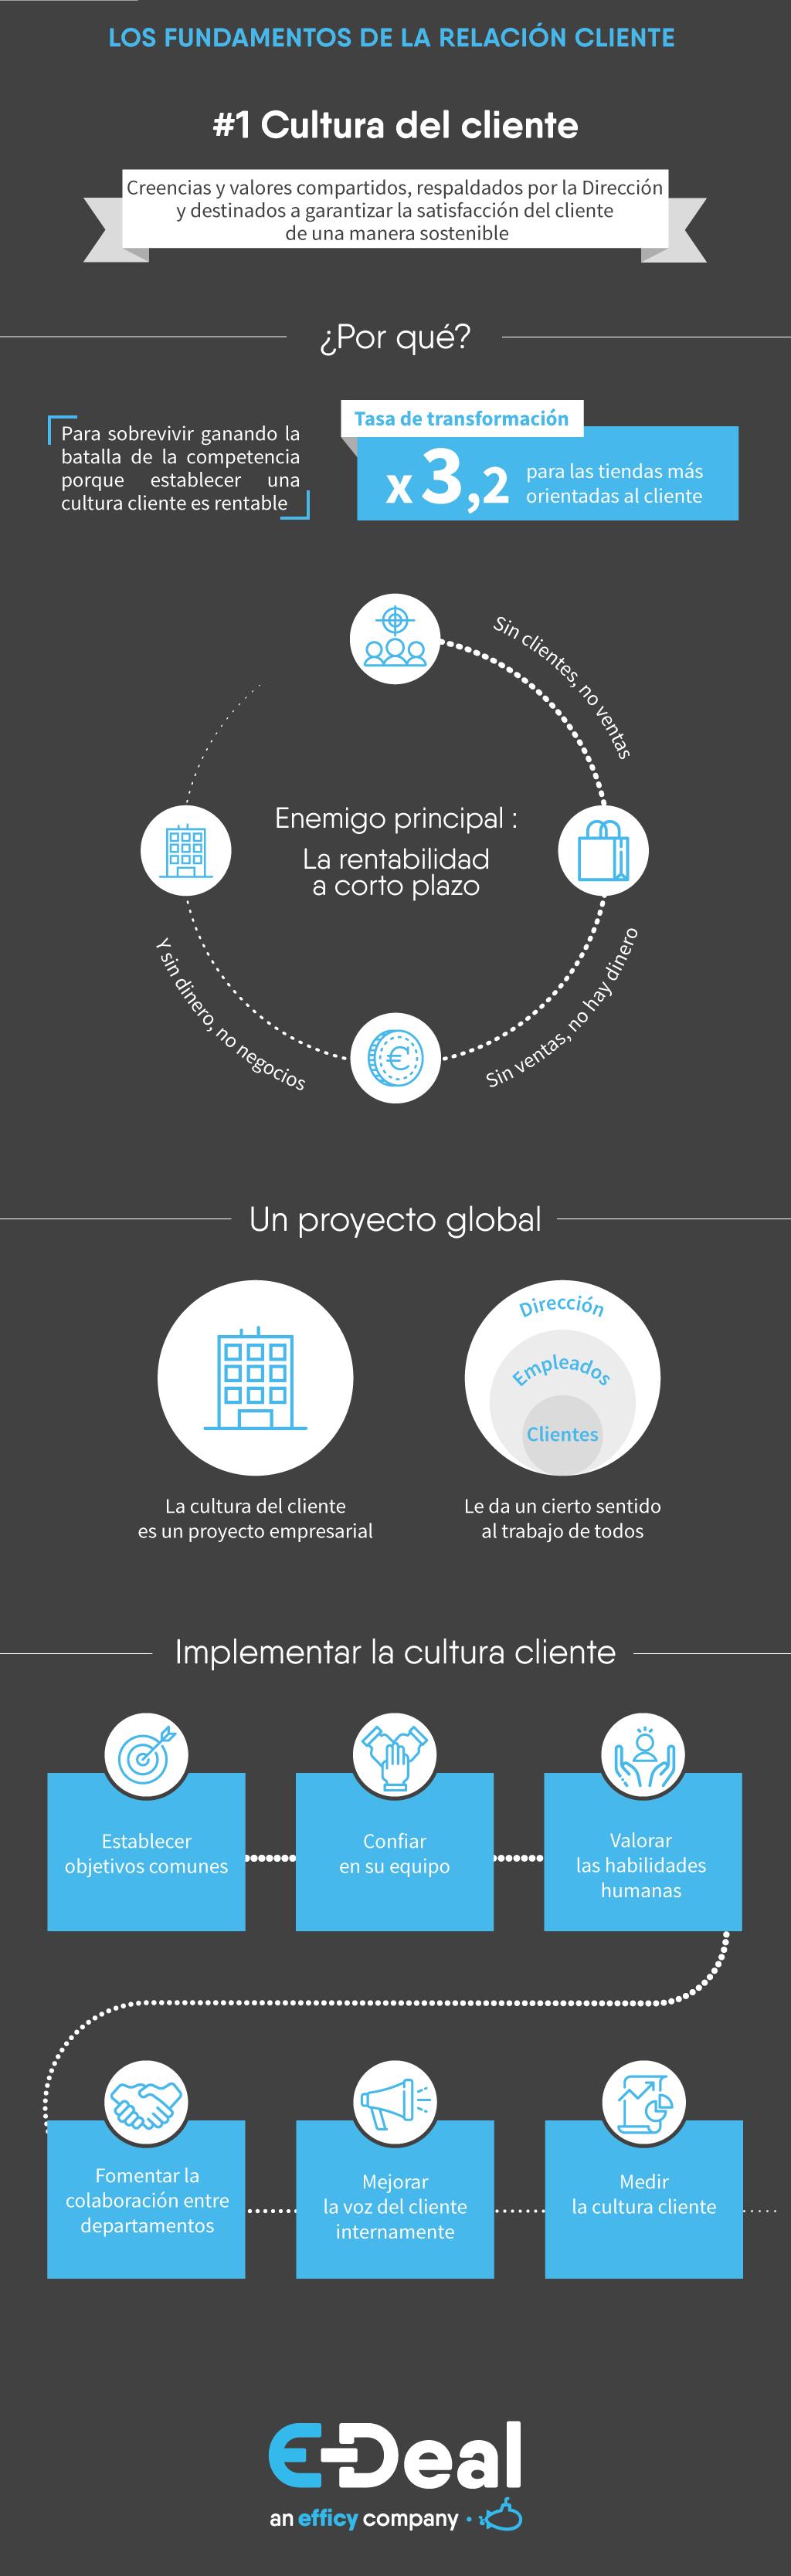 Fondamentales-RC-Cultura-cliente-ES